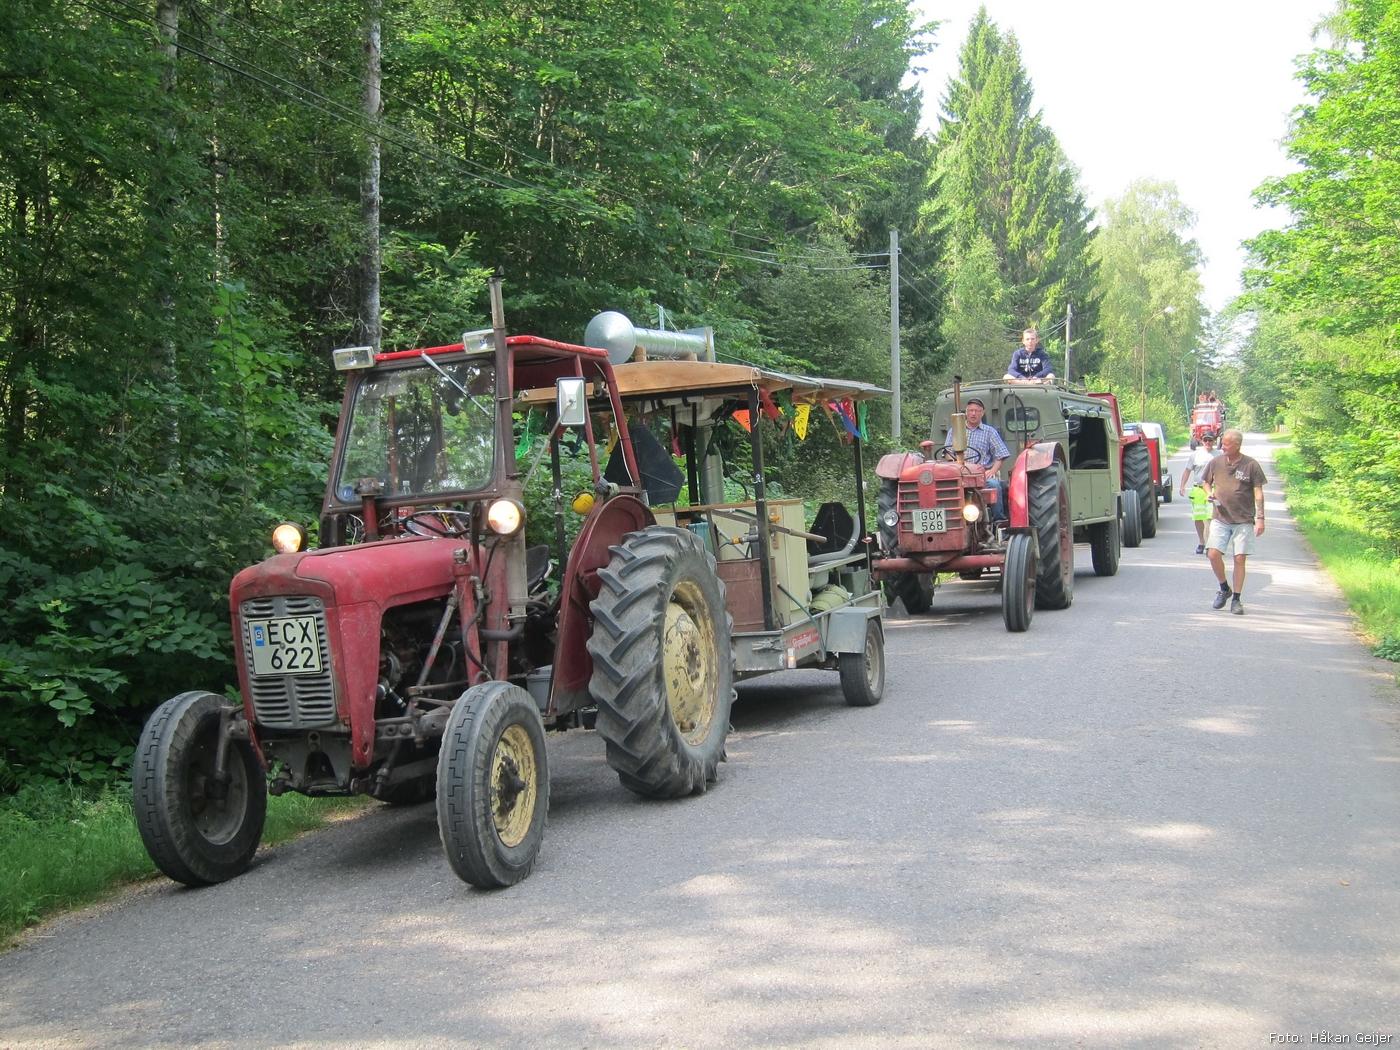 2014-08-02_09_traktorresa